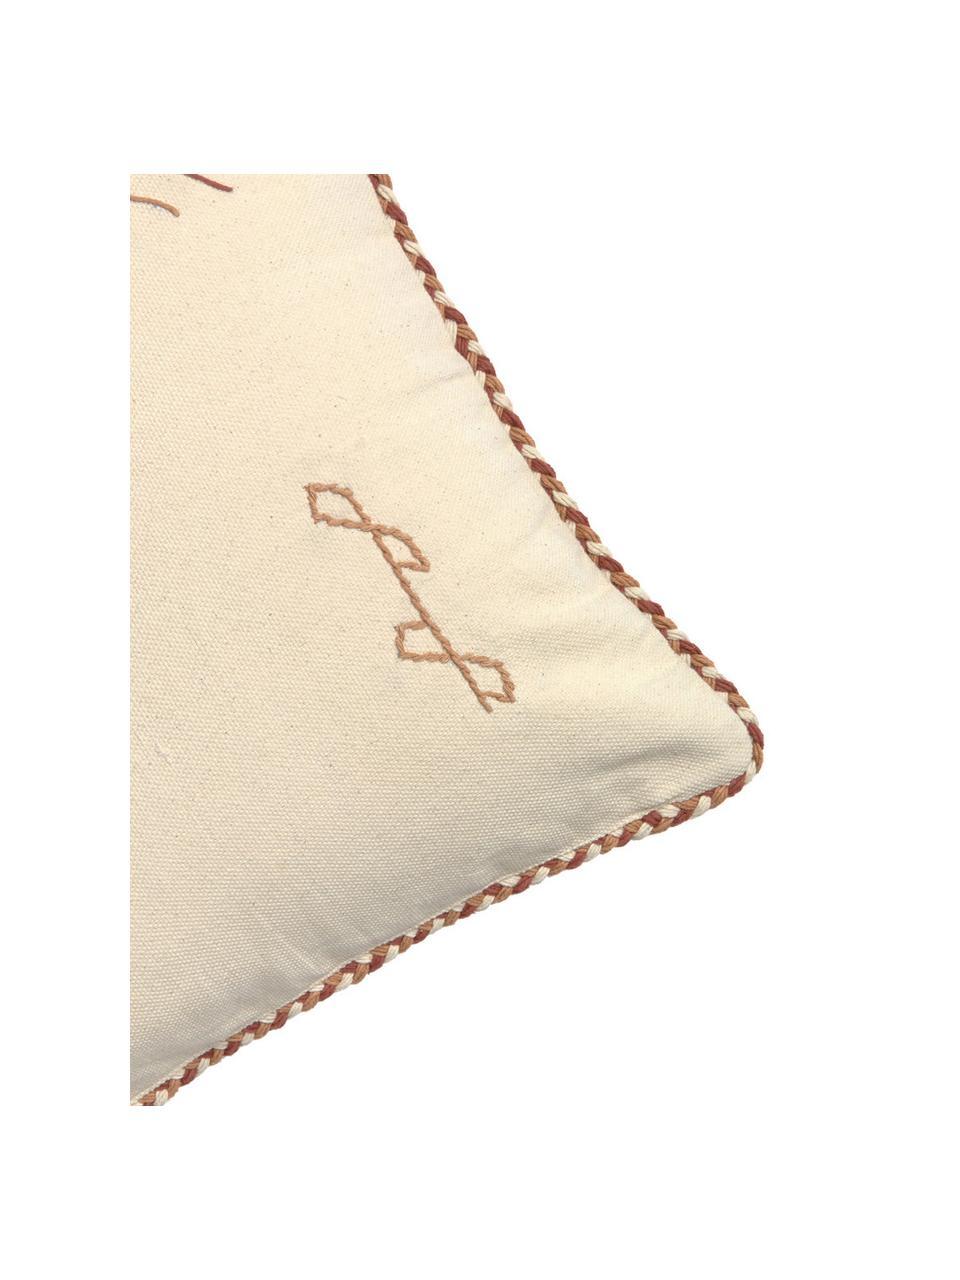 Federa arredo con motivo etnico Riad, 100% cotone, Crema, tonalità marroni, Larg. 45 x Lung. 45 cm